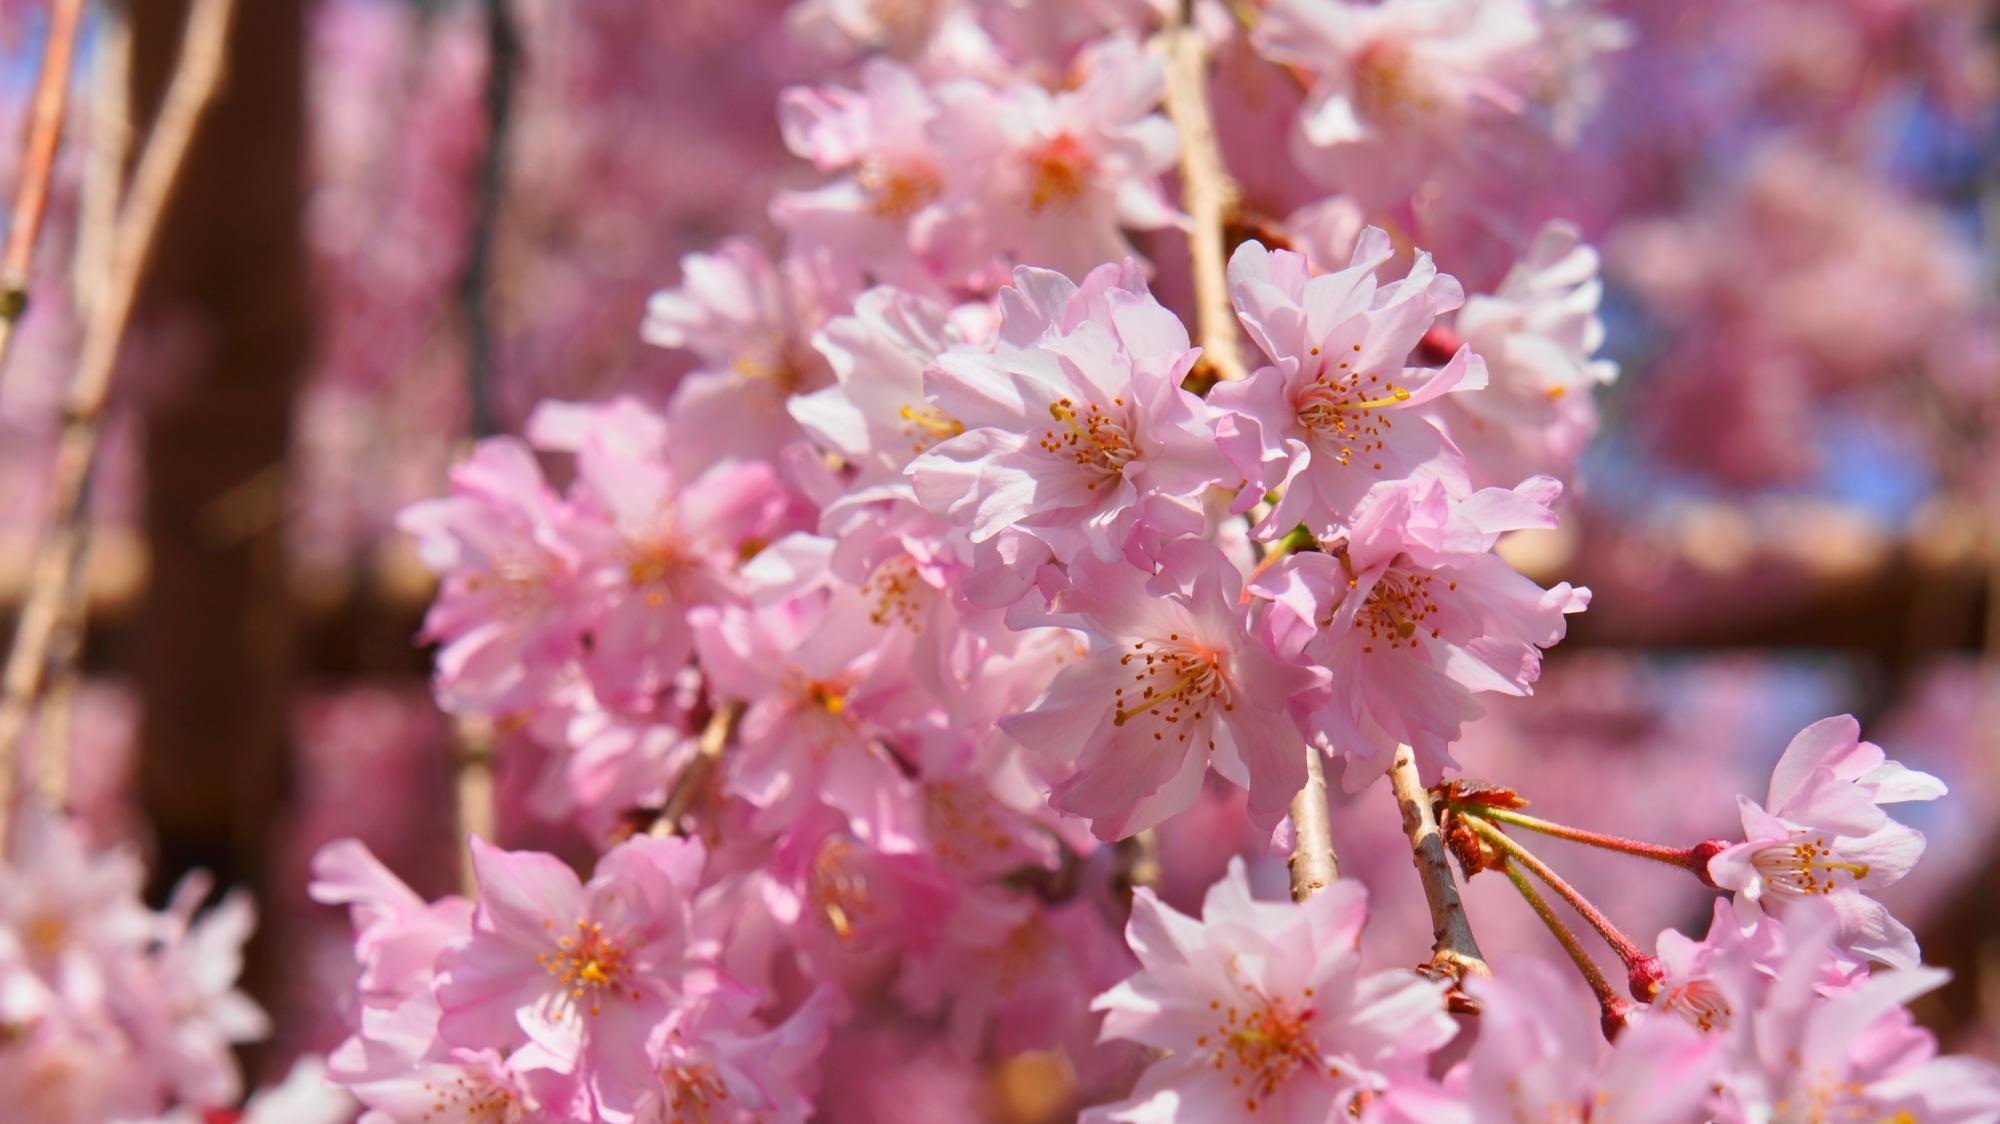 いかにも春らしい色合いの綺麗な桜